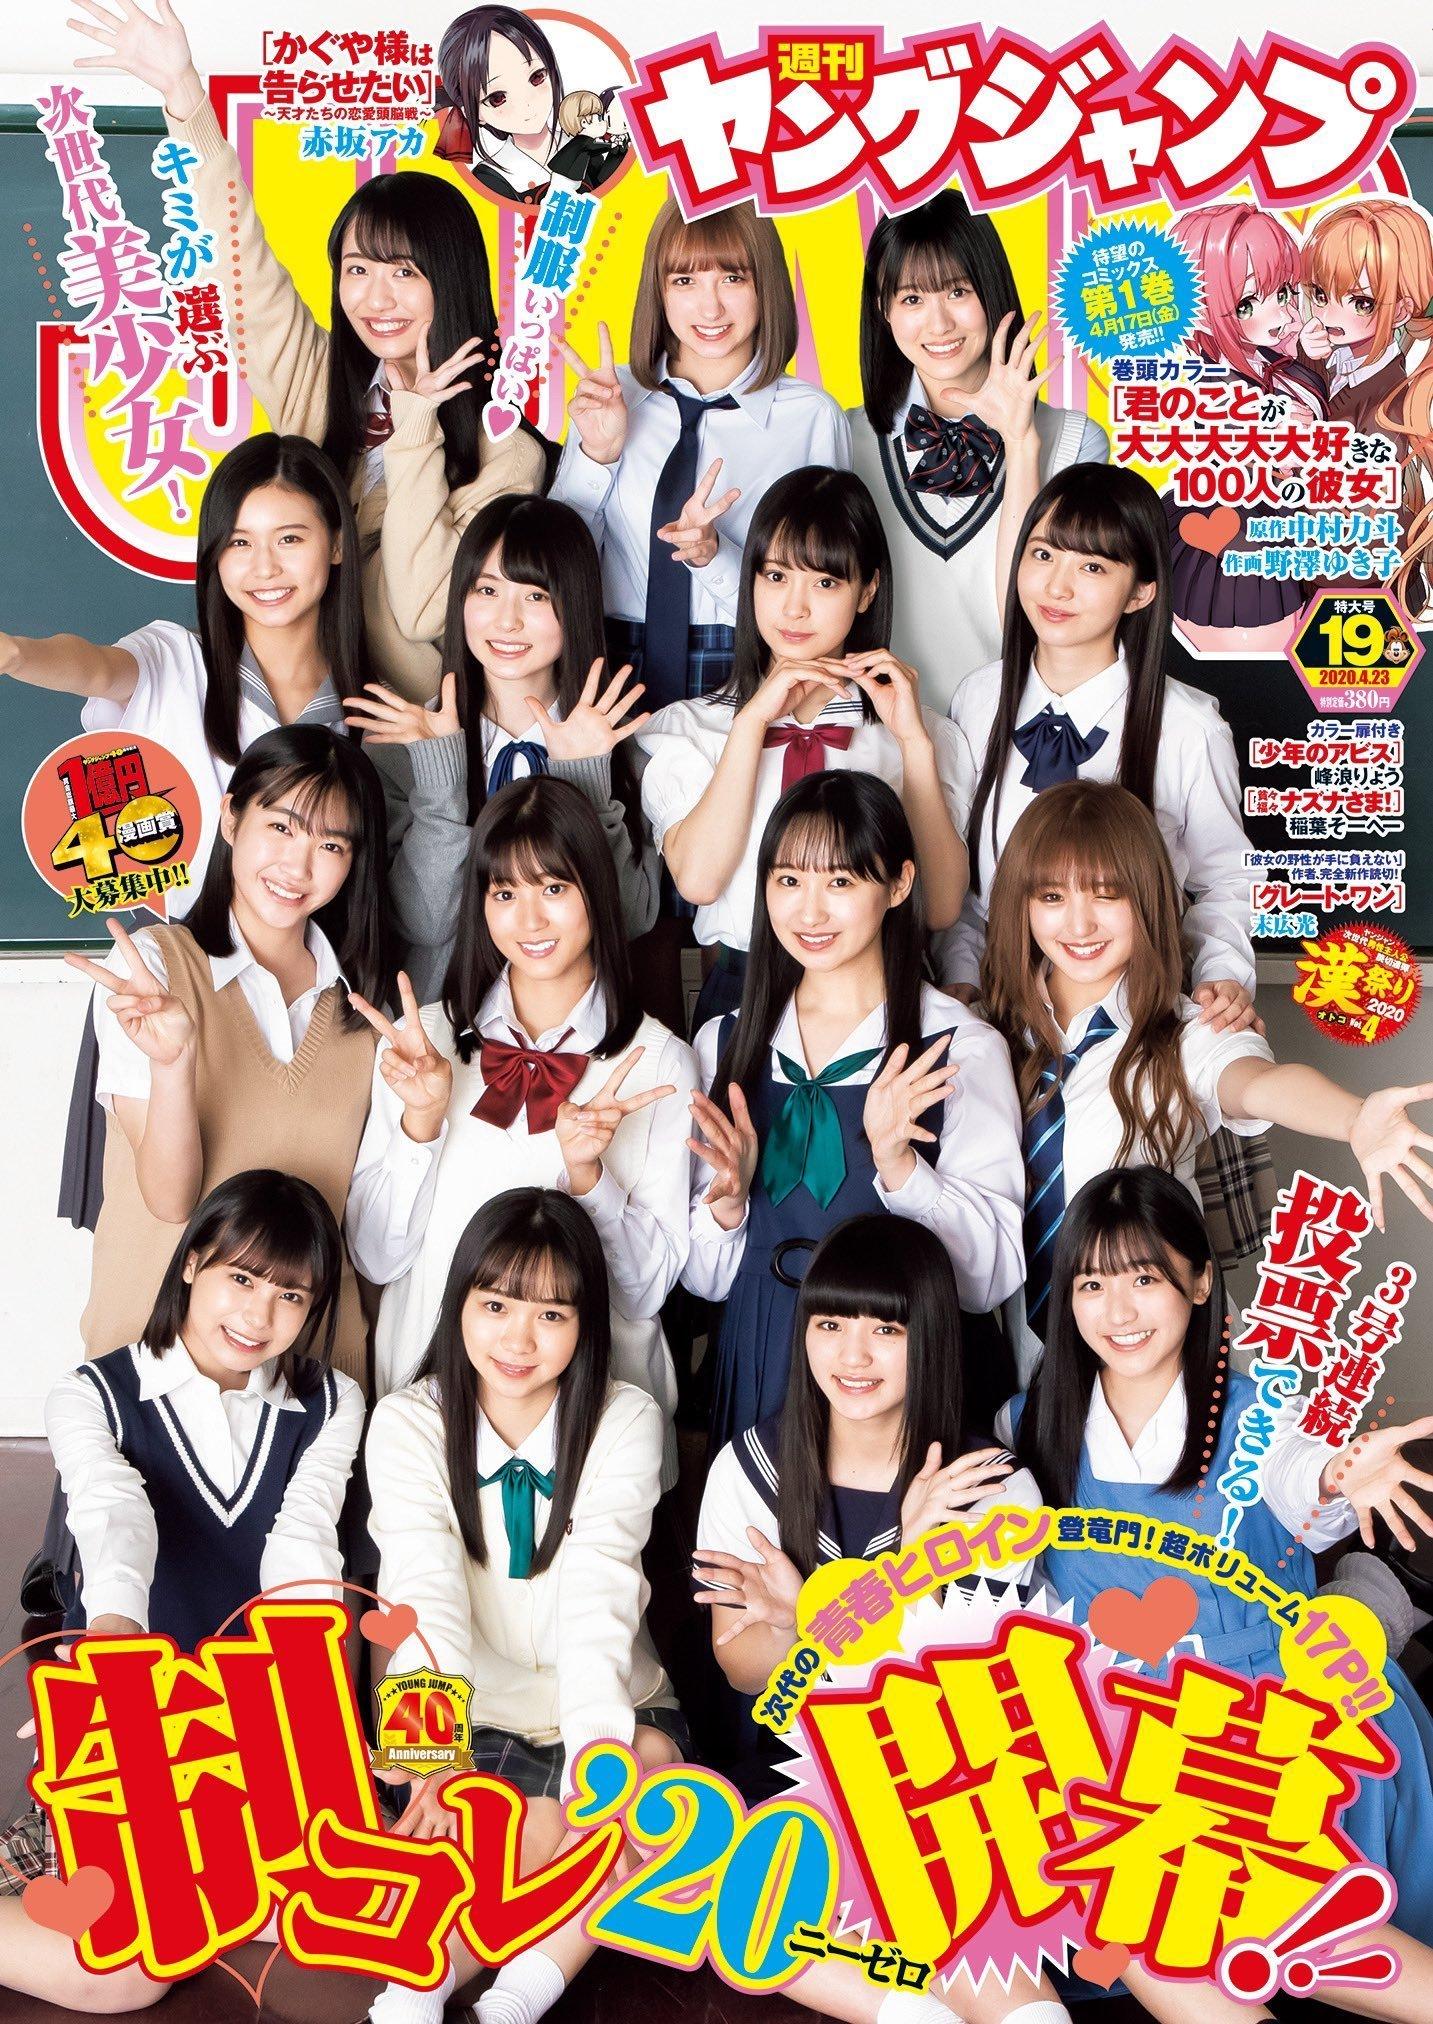 《日本高中制服美少女出炉》三位JK散发满满青春香气!